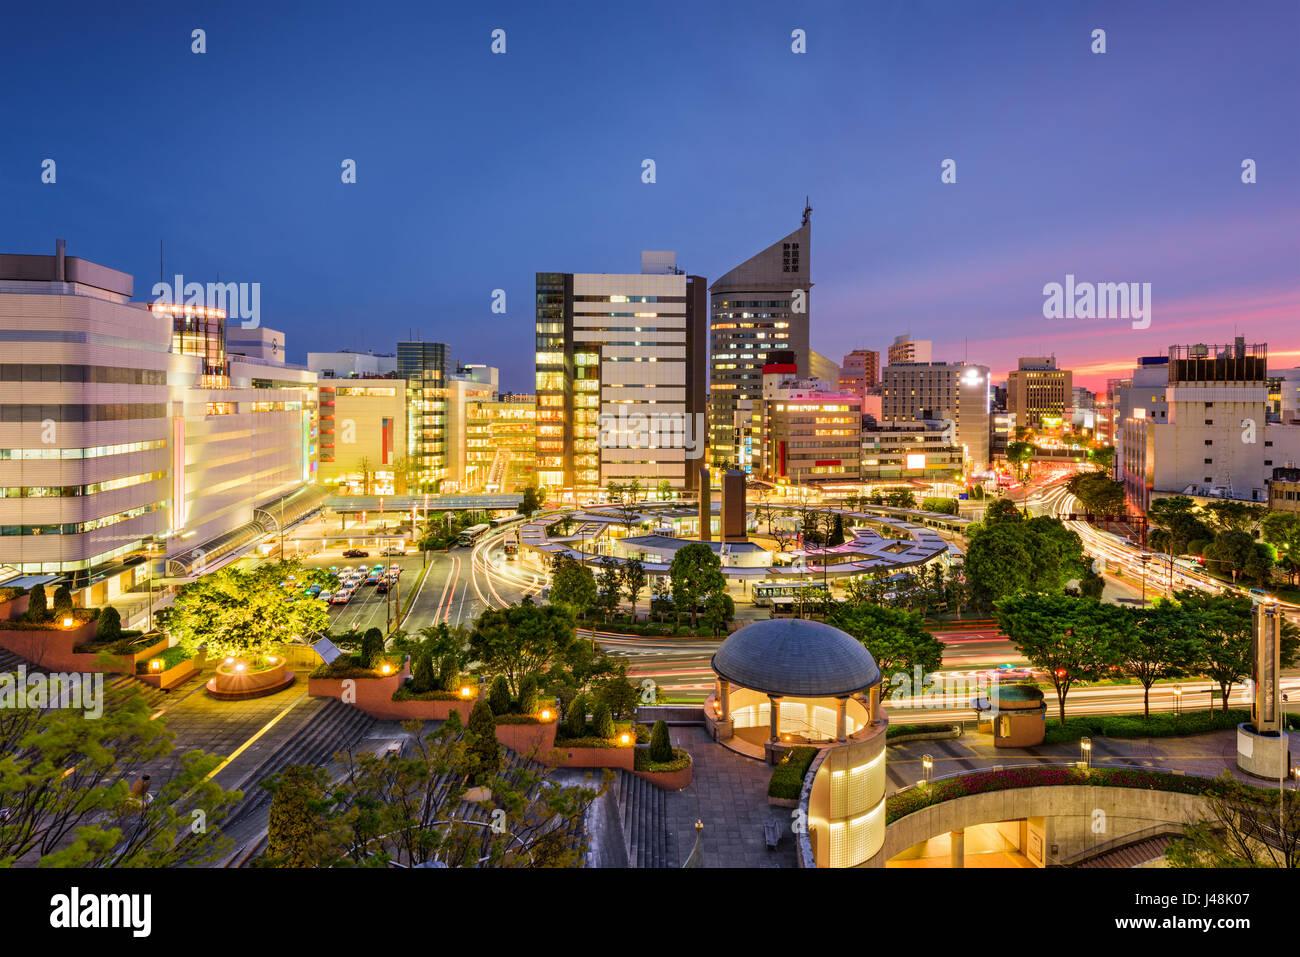 Hamamatsu au Japon sur les toits de la ville au crépuscule. Photo Stock